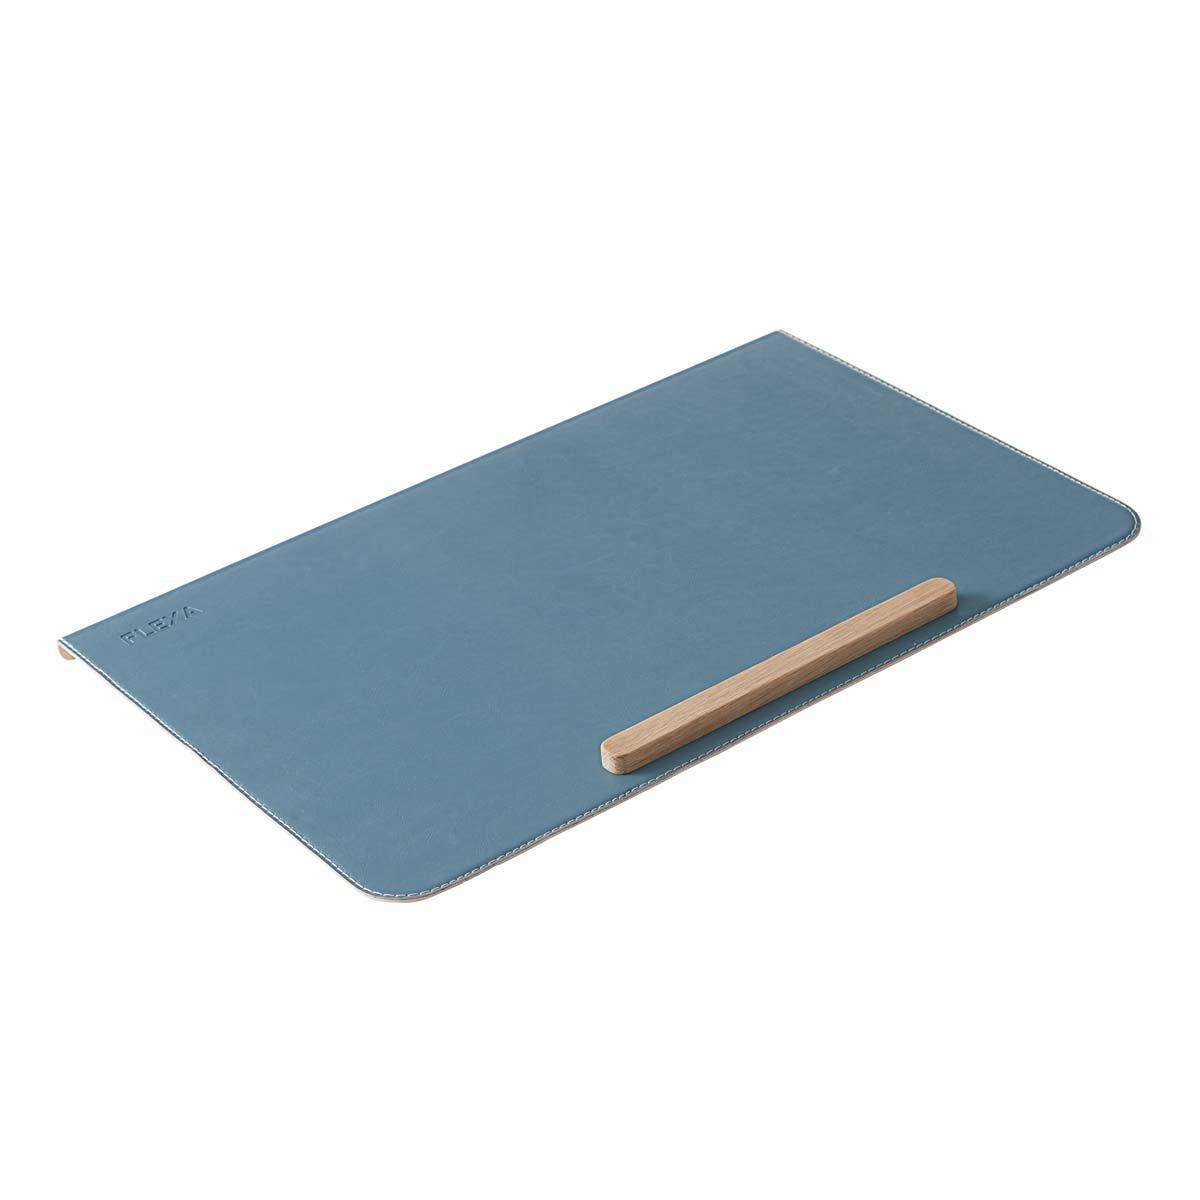 Protector escritorio EVO-MOBY-WOODY Flexa azul